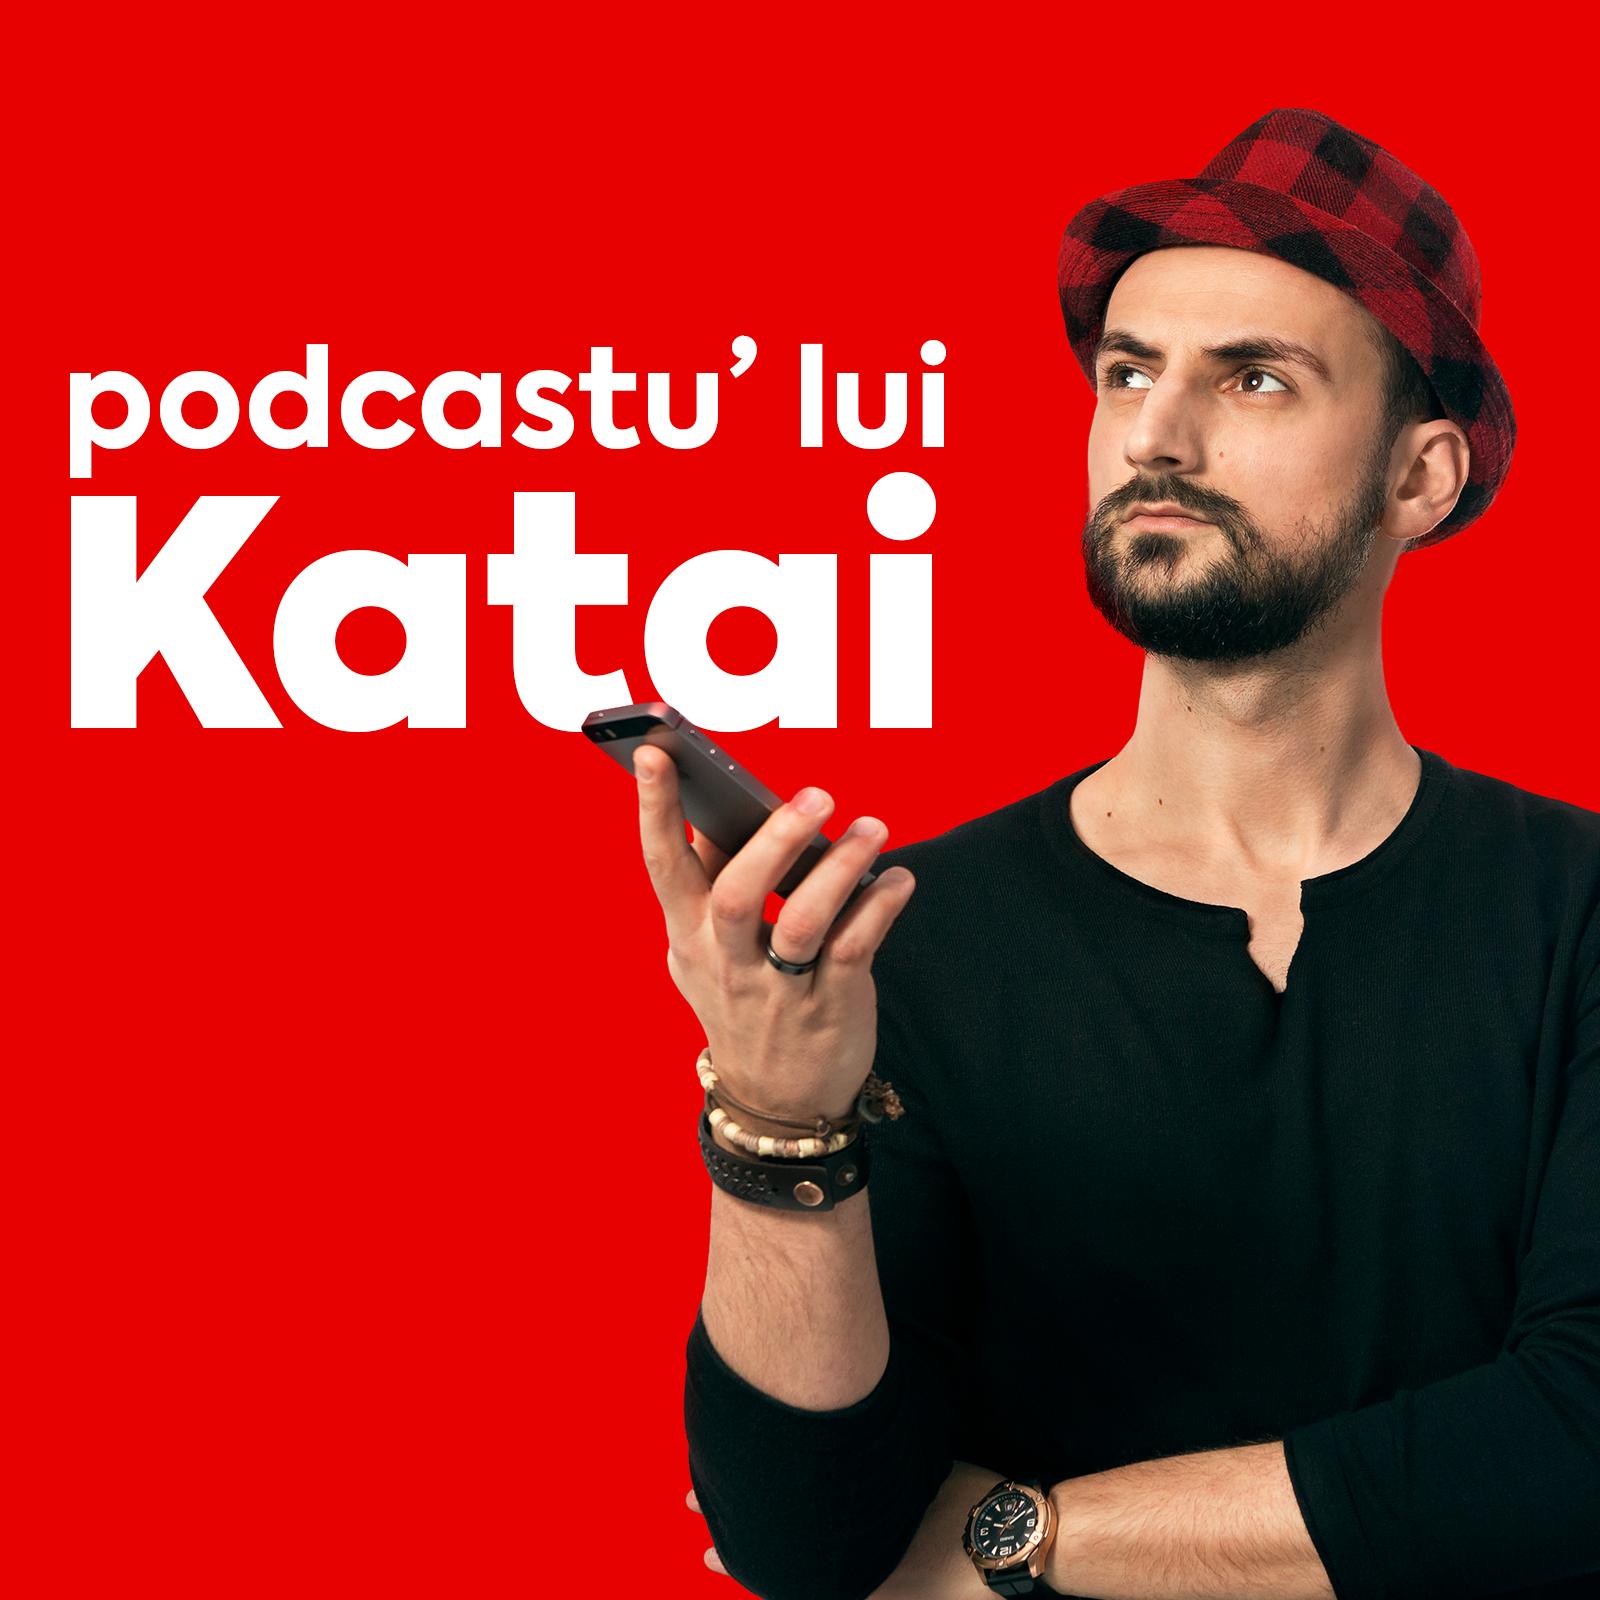 Podcastu' lui Katai